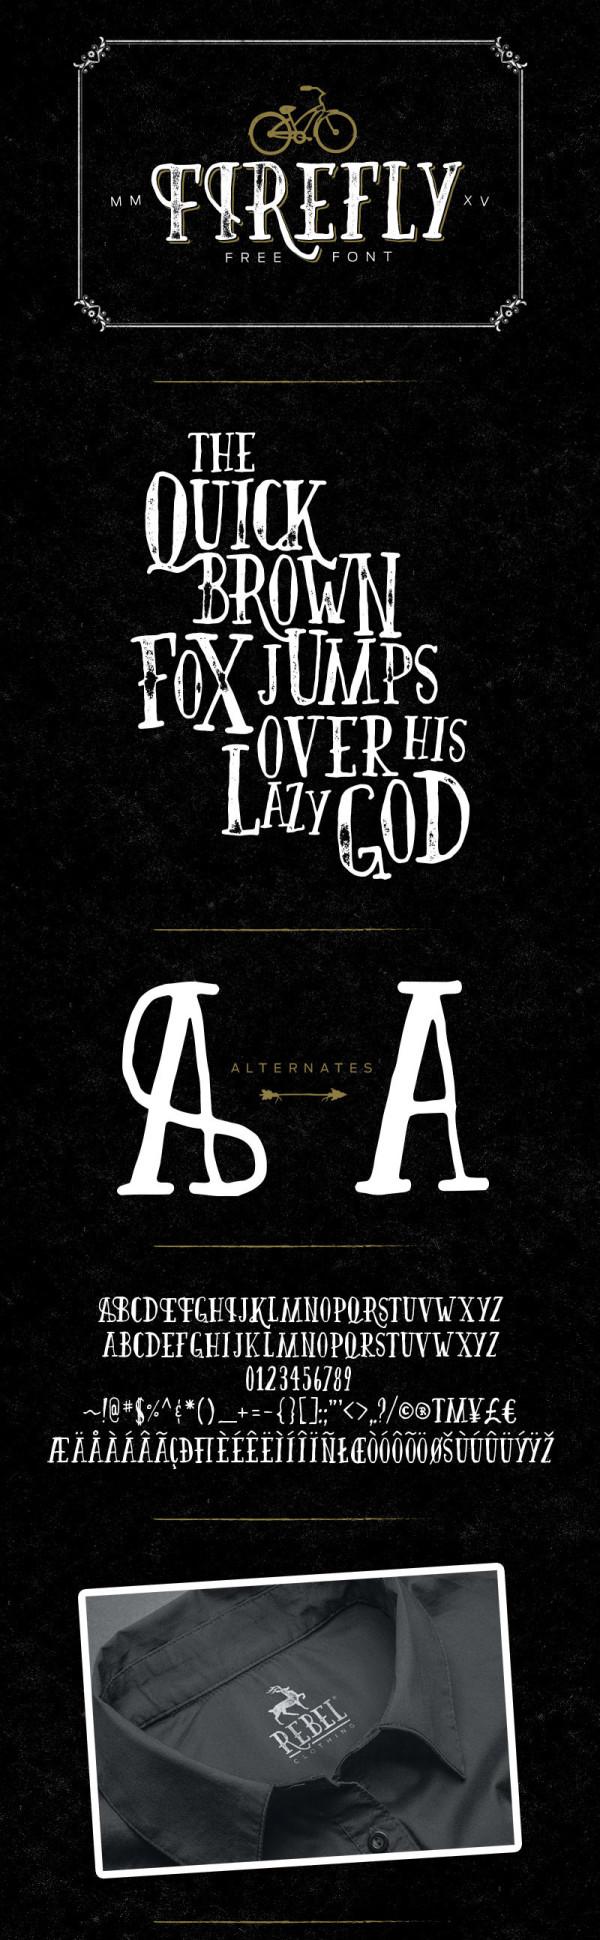 fresh-free-fonts-2015